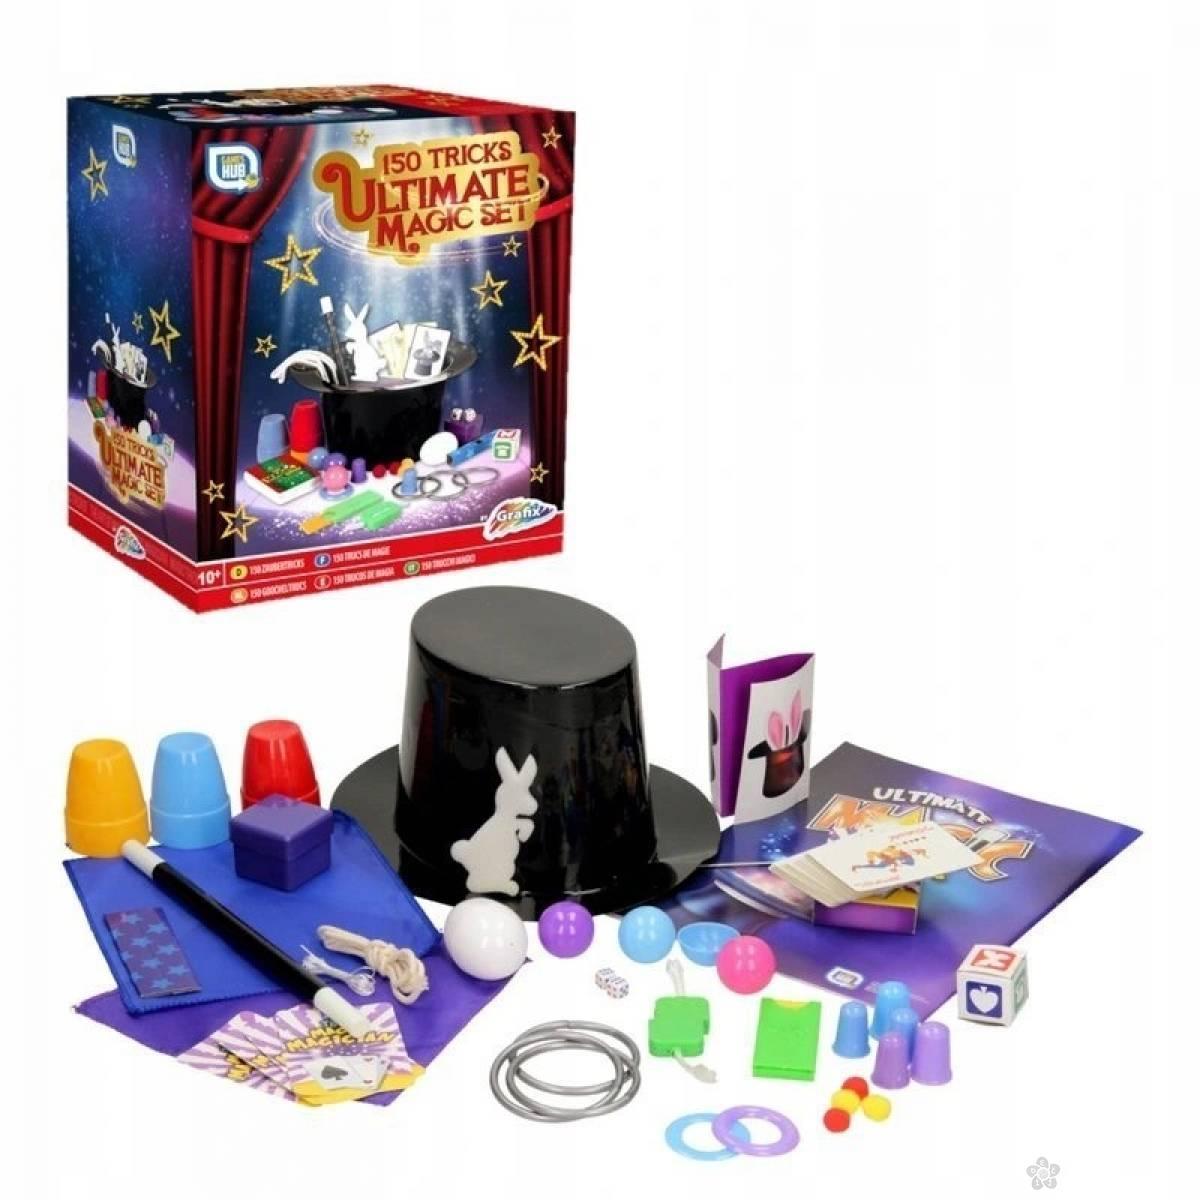 Magic Set Ultimate